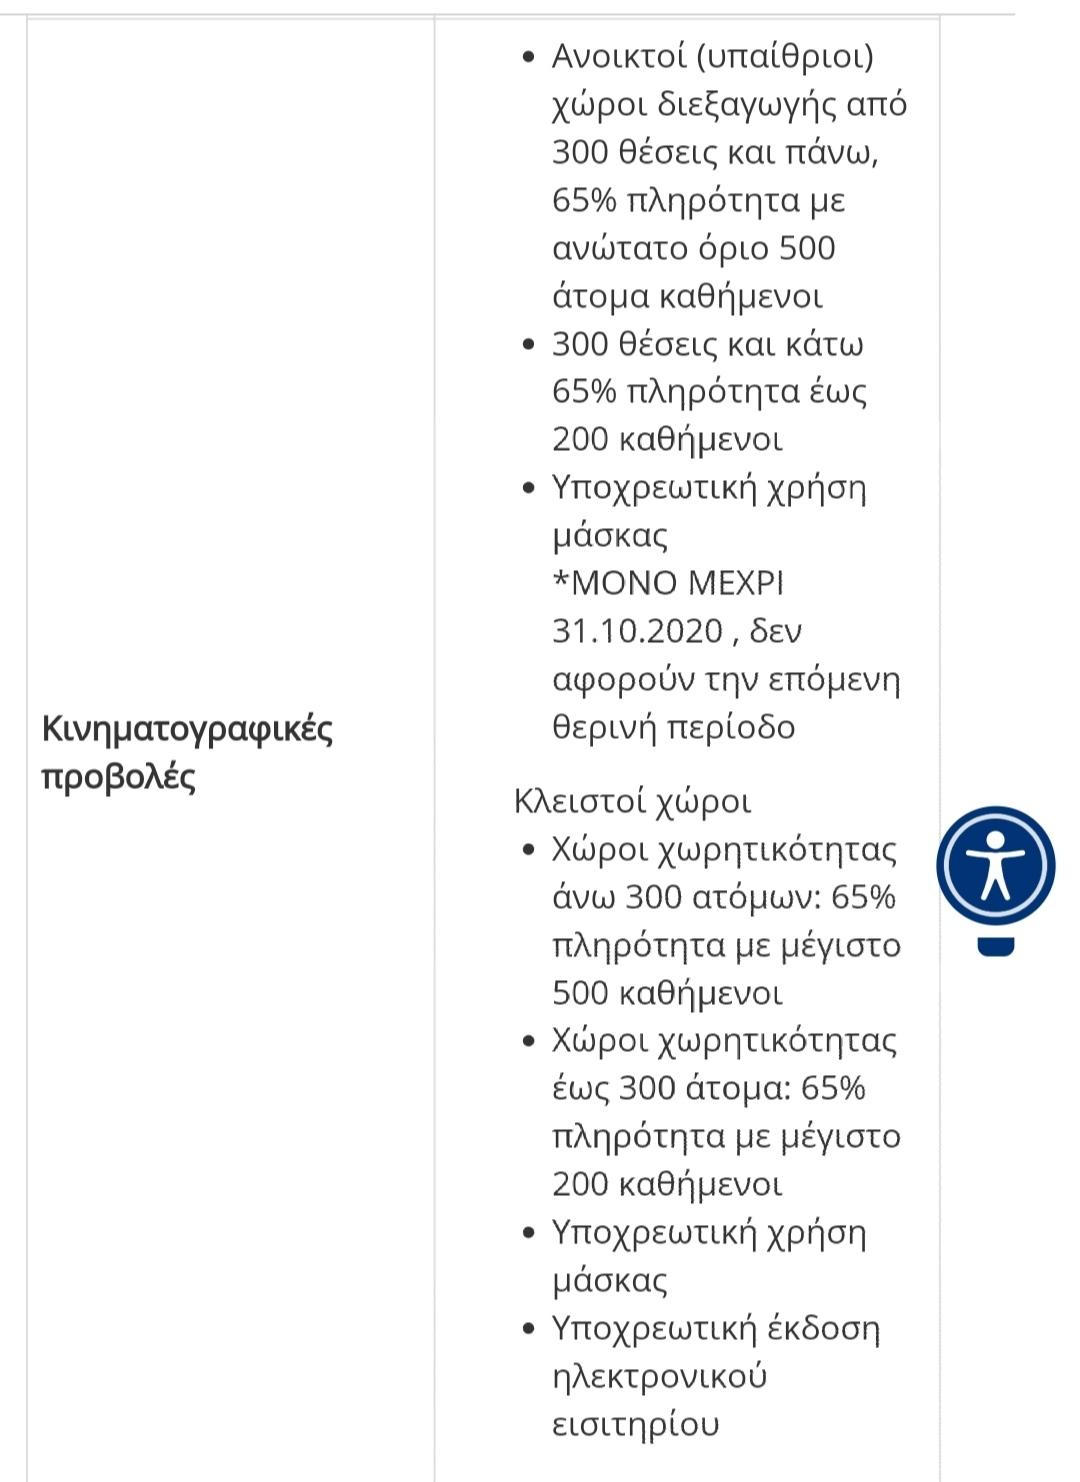 Κορονοϊός: Στο πιο χαμηλό επίπεδο μέτρων η Ξάνθη